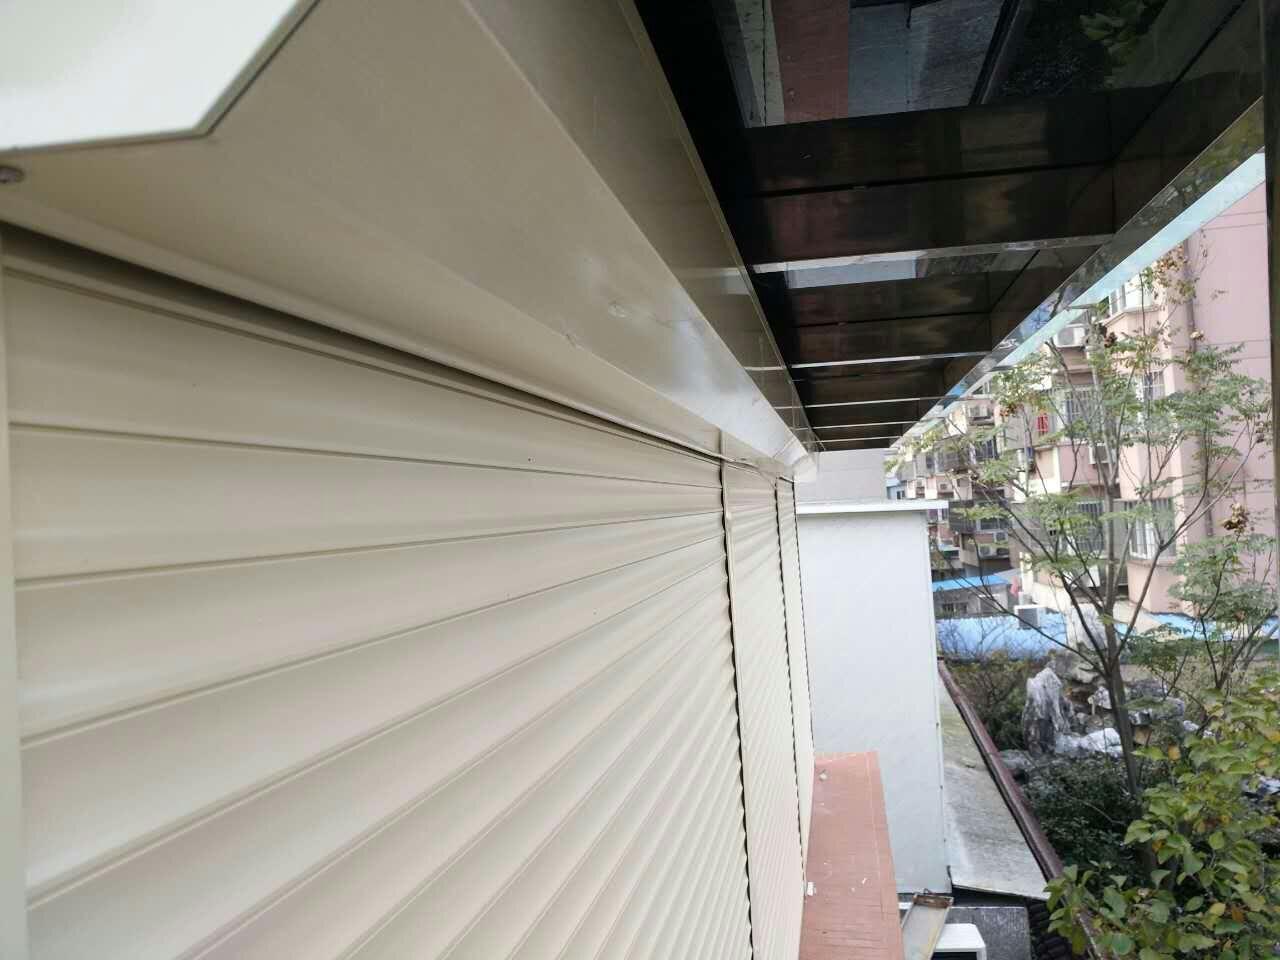 卷帘窗/外遮阳卷帘窗/欧式卷帘窗/织物外遮阳卷帘特点----------首选苏州博仲升建筑安装有限公司 1、开启方式灵活,有手动、电动、遥控,操作简单,使用安全,是传统卷帘门窗所无法比拟的 2、保温节能 :卷帘型材中间填充的环保隔热材料,可以有效保持室内温度,节省大量能源,且绿色环保。 3、隔音降噪:卷帘门窗不但自身运行没有噪音,而且可以大大的降低外界噪音的干扰,使生活,工作,学习不受影响 4、安全防盗:卷帘门窗内部配有防上推及防撬装置,关闭后从外面打不开,坚固耐久,安全防盗 5、欧式卷帘门窗外形时尚美观